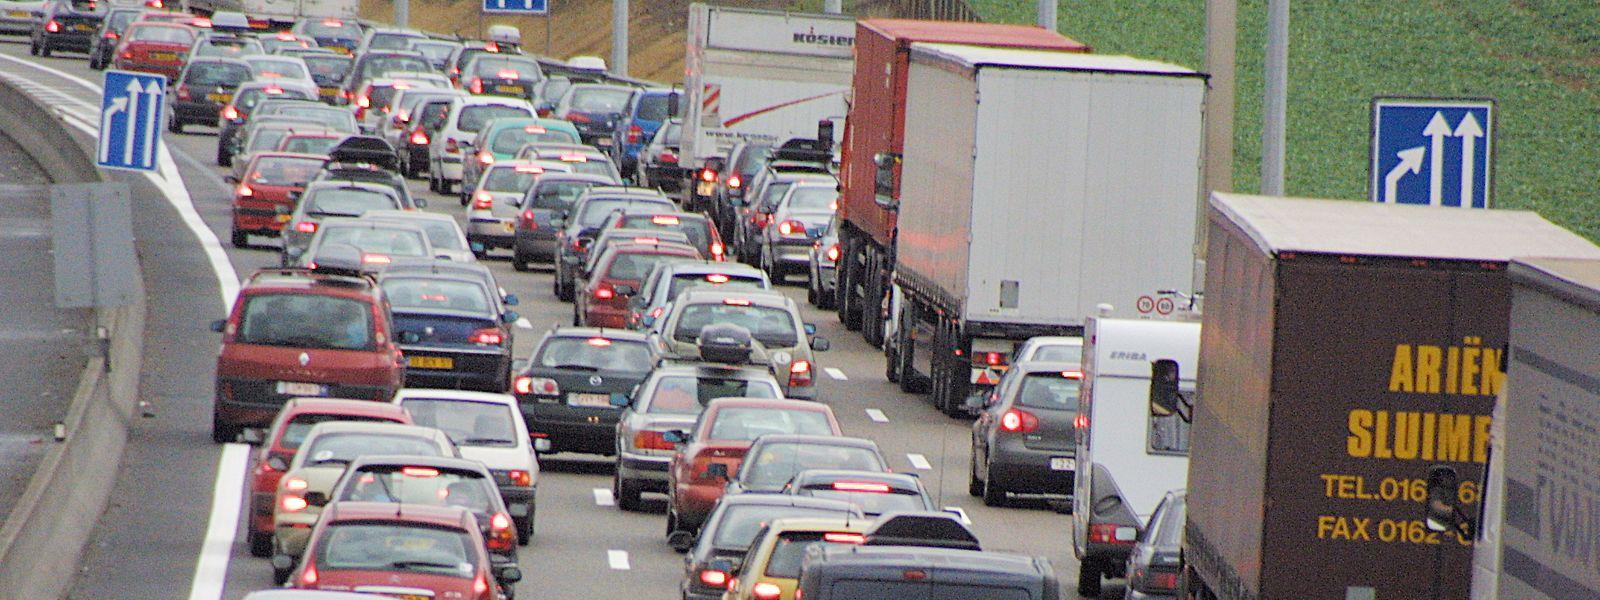 Ce matin, l'autoroute A31 est bloquée dans les deux sens à hauteur du poste frontière